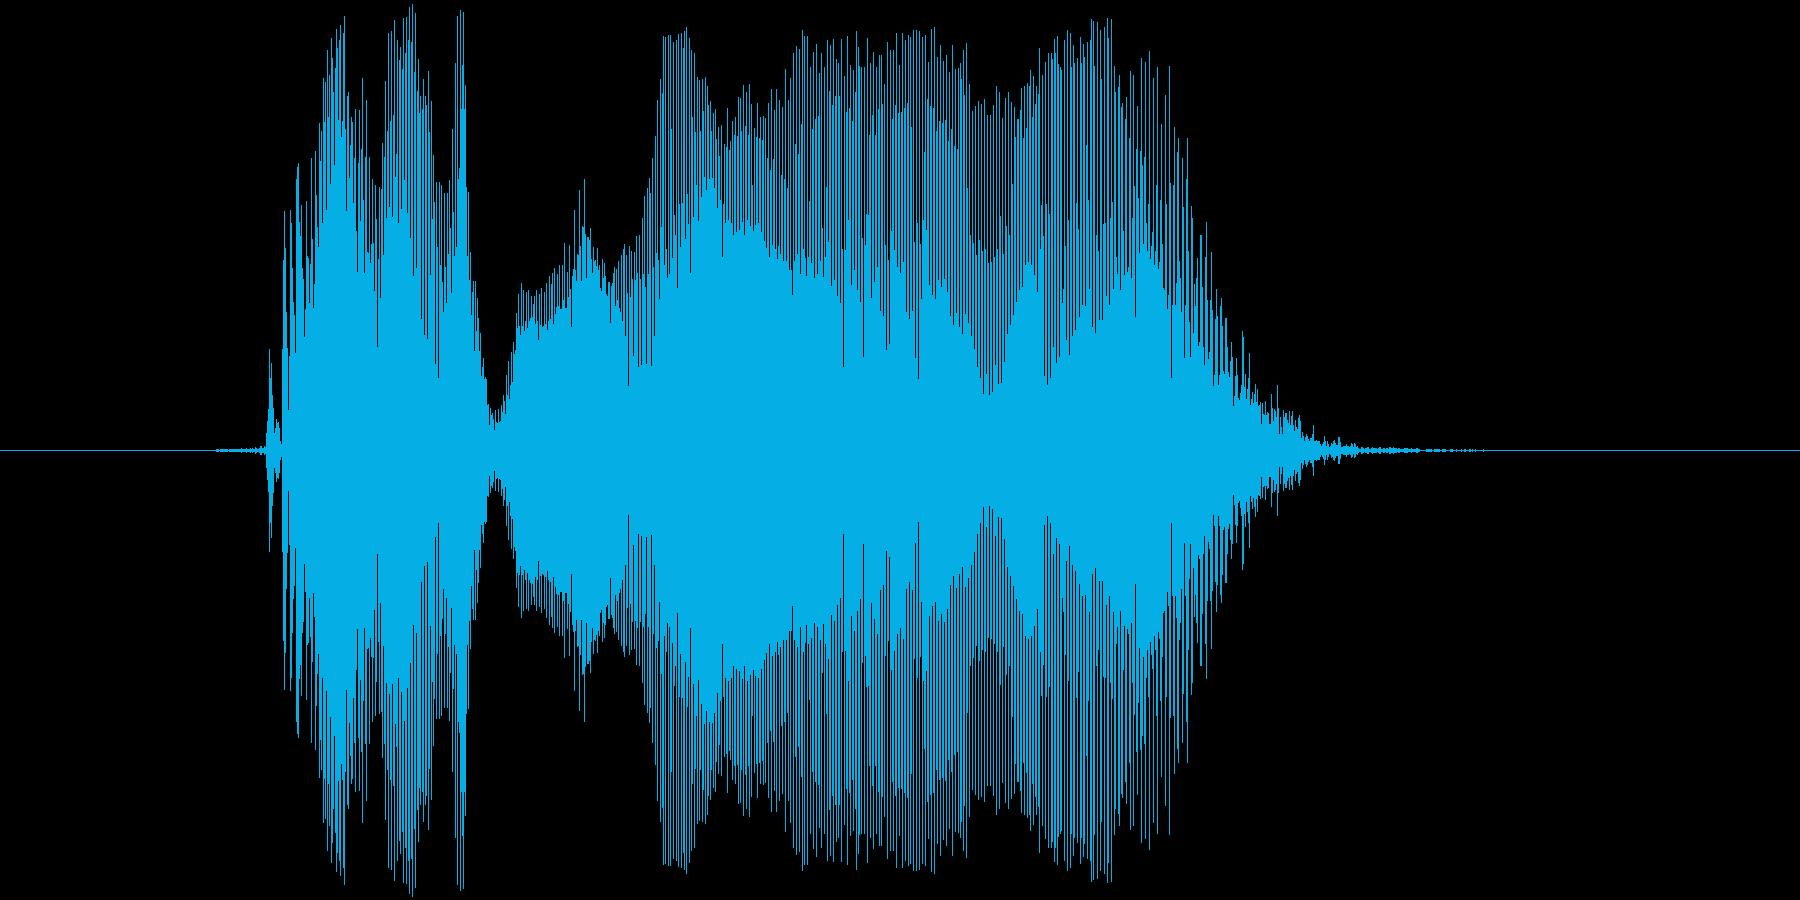 「おりゃー!」の再生済みの波形